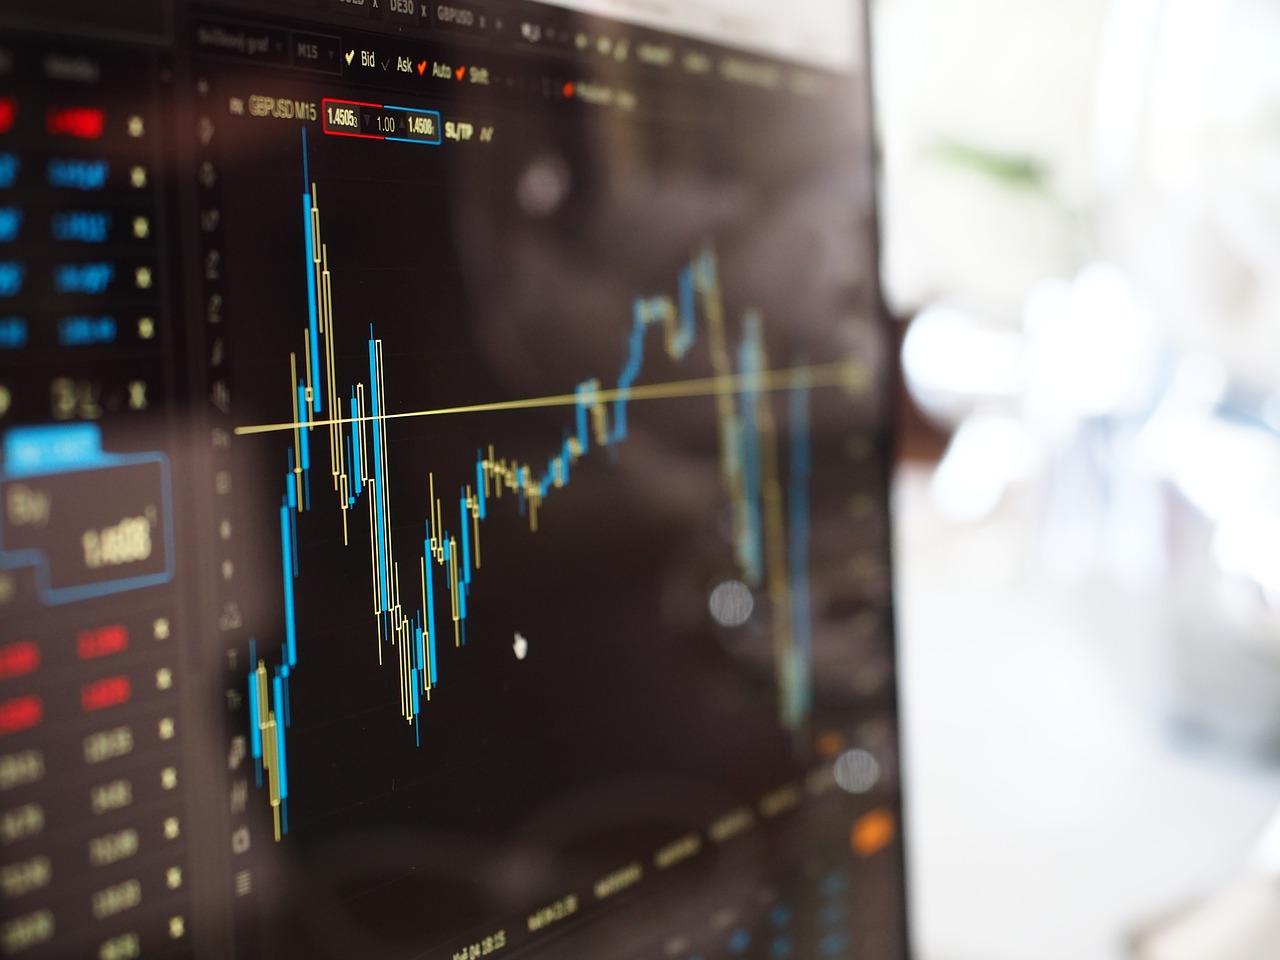 Vertpigがリップル(XRP)・イーサリアム(ETH)を含む5通貨の上場を発表!